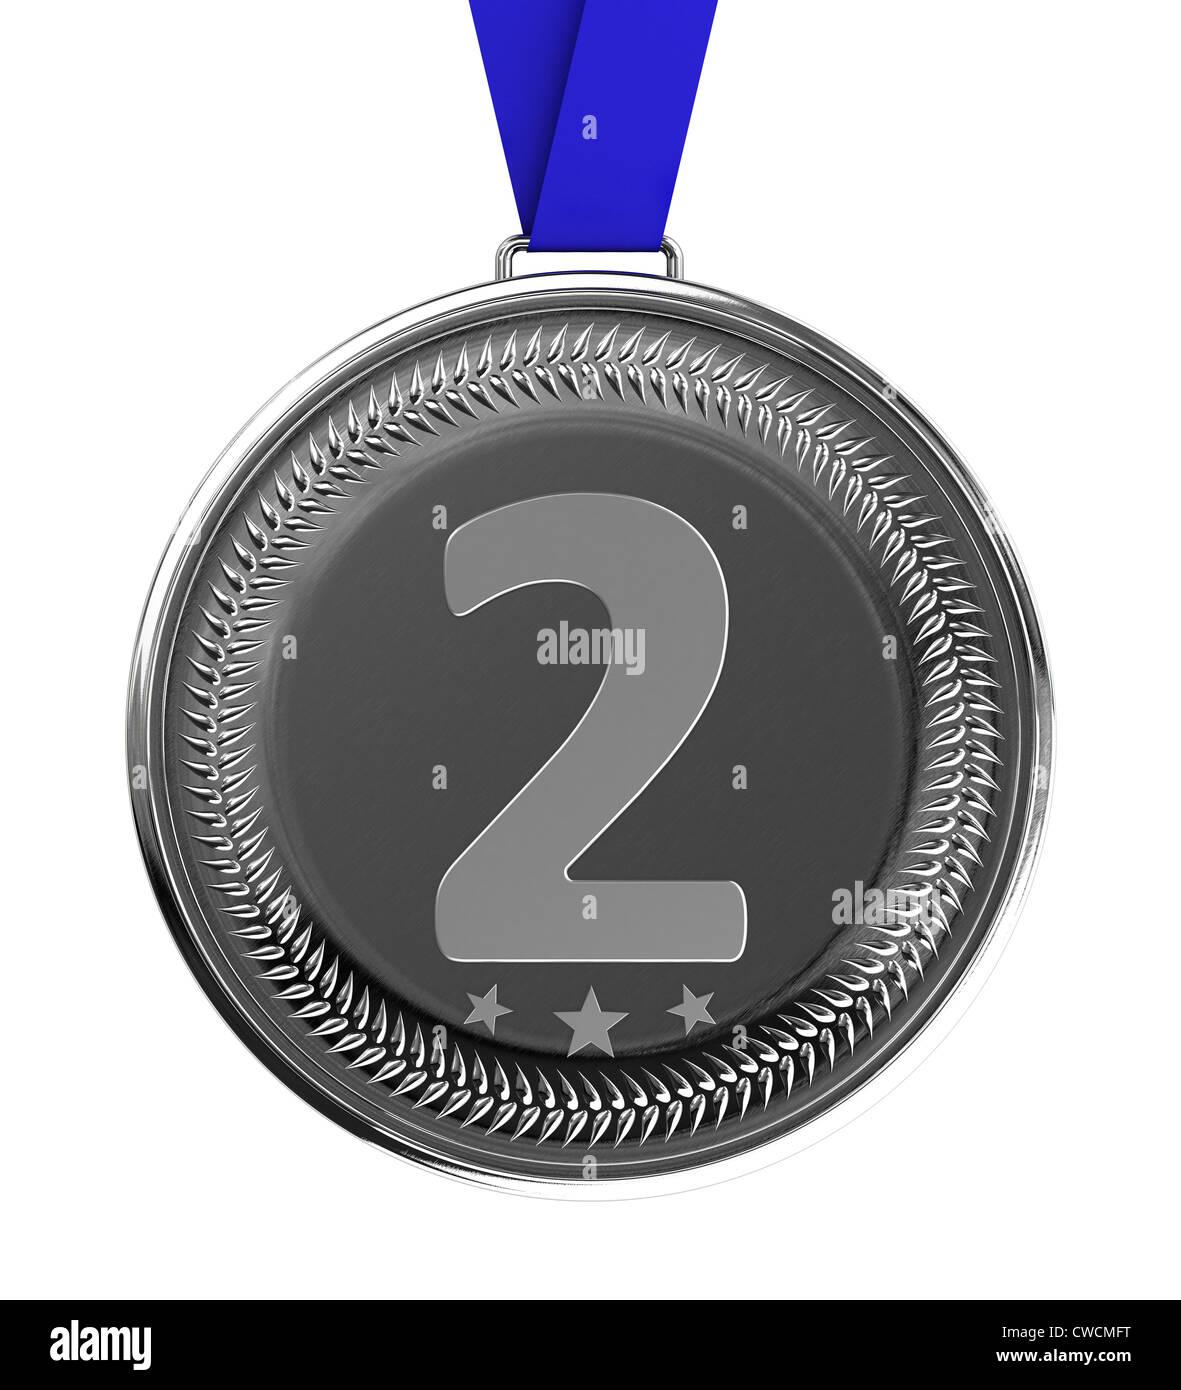 Medalla de plata Imagen De Stock